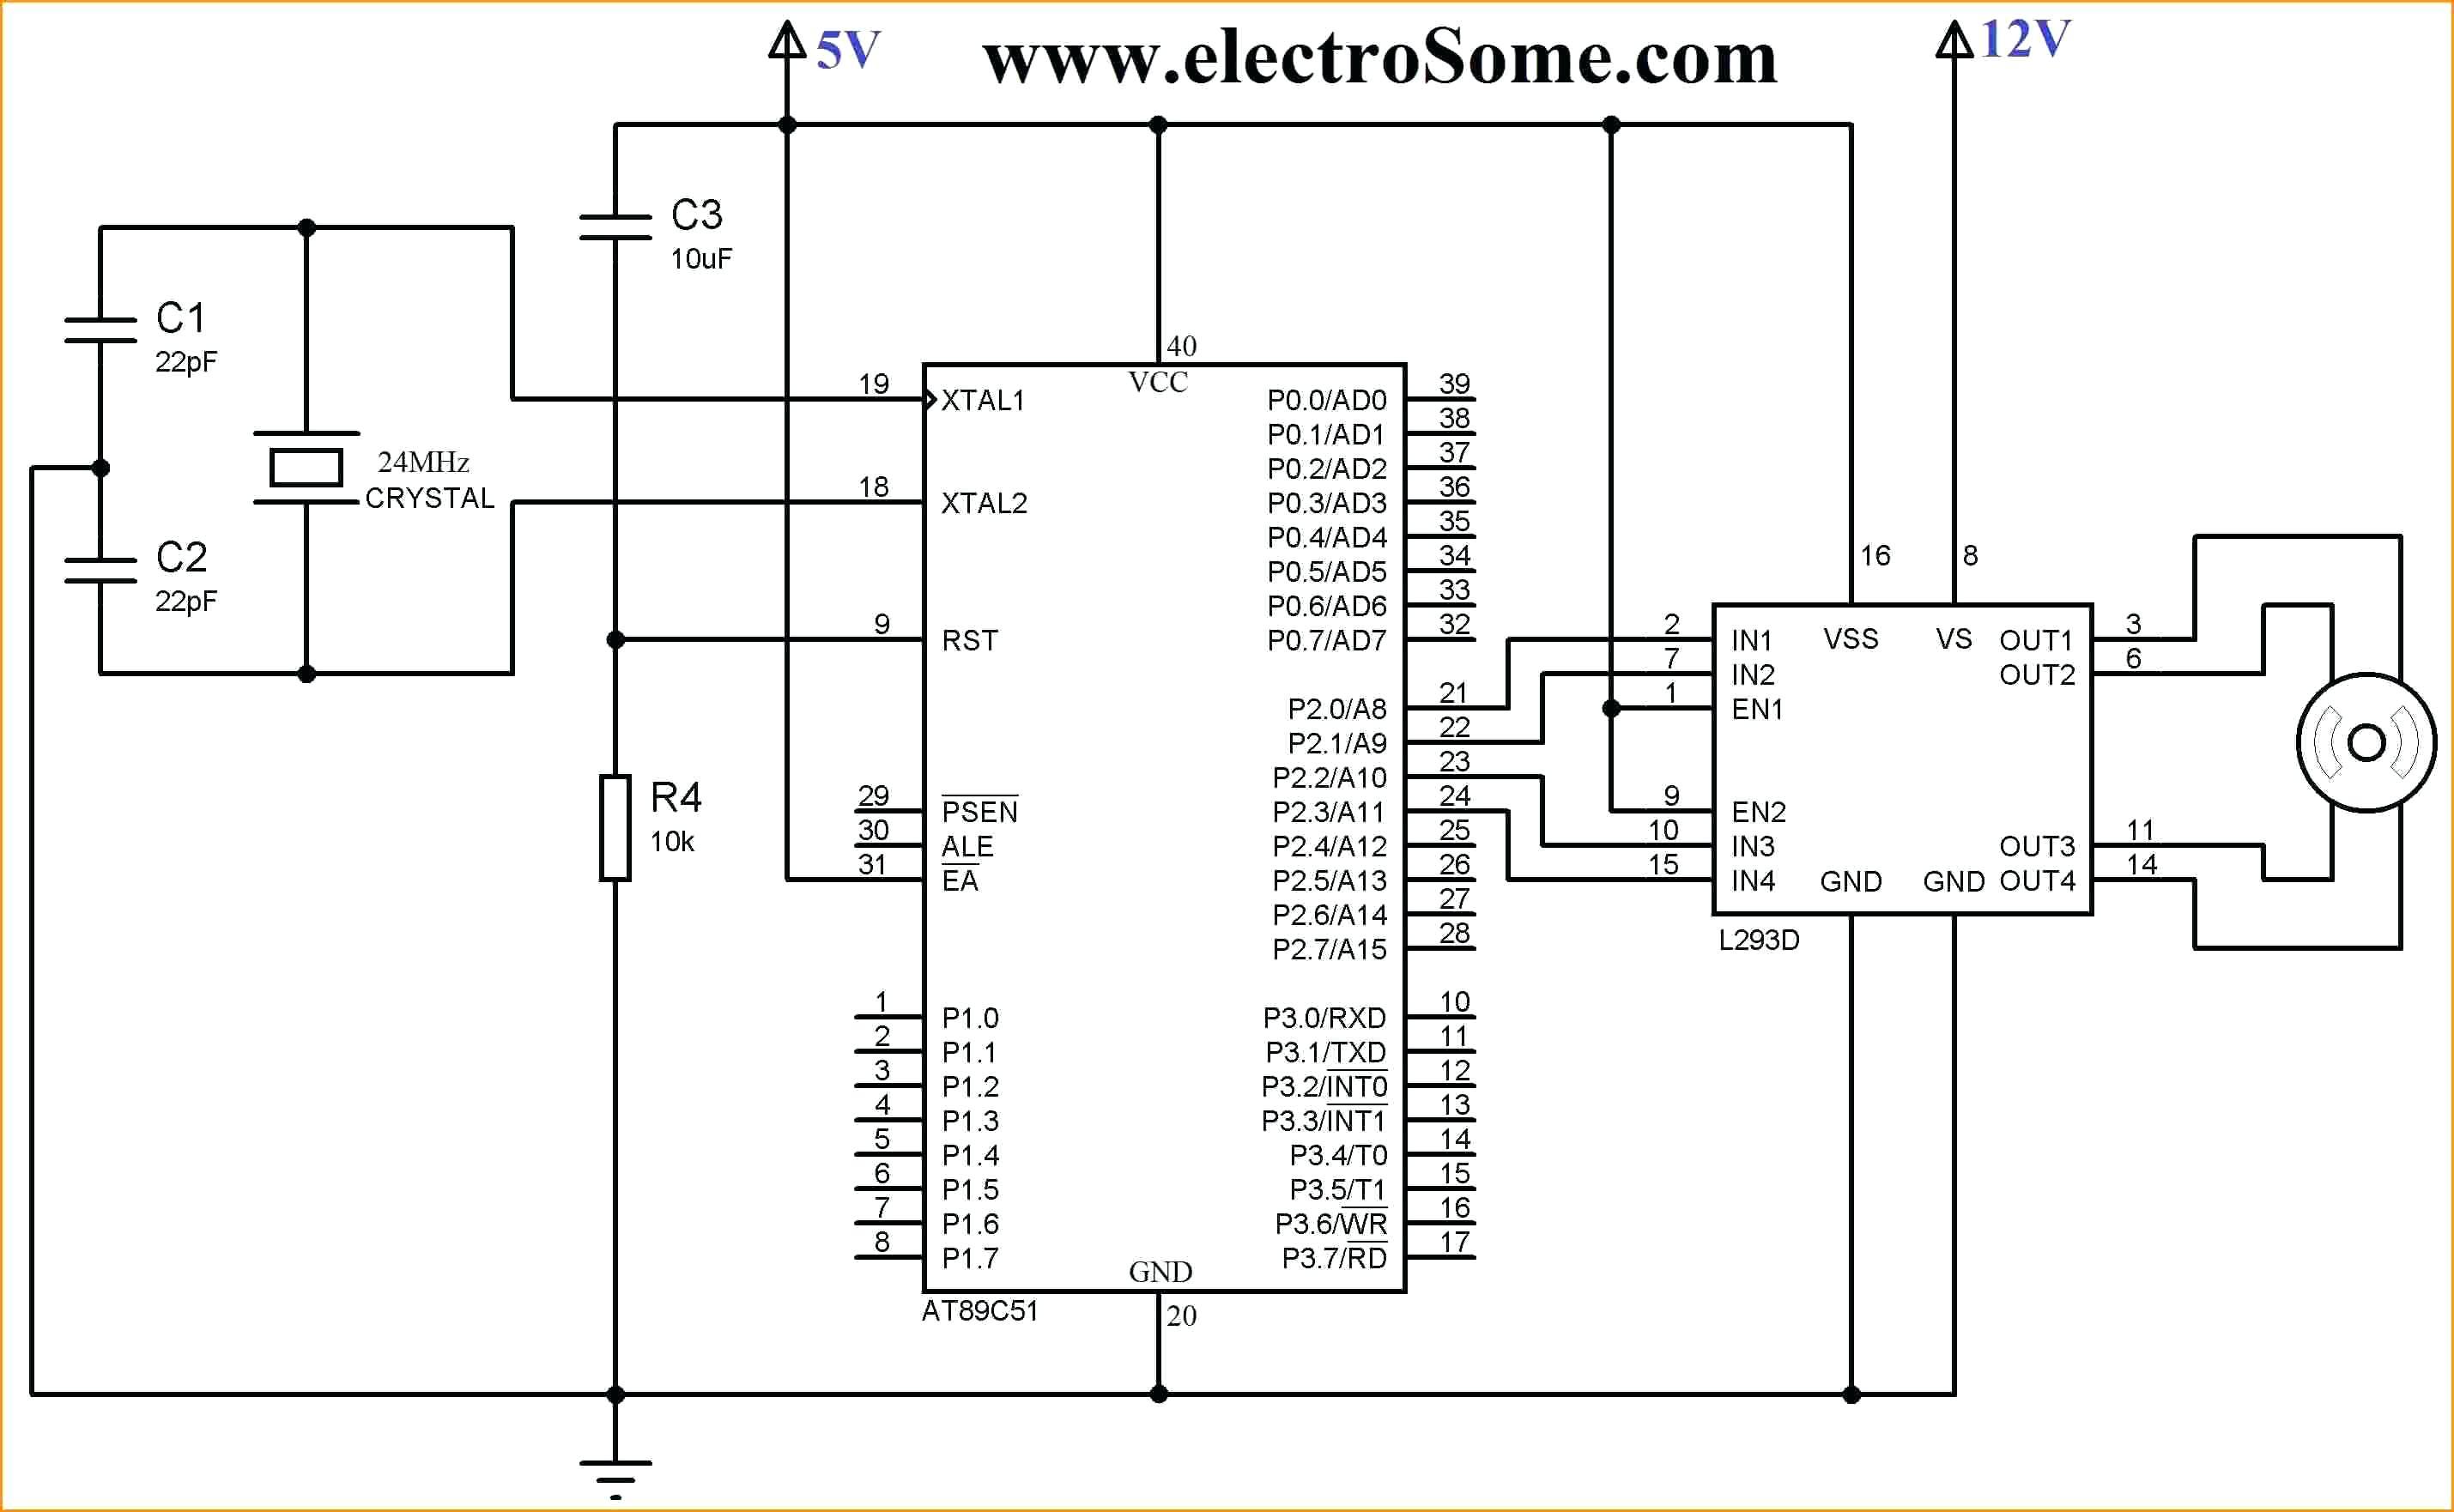 wiring diagram honeywell zone valve wiring diagram honeywell zone